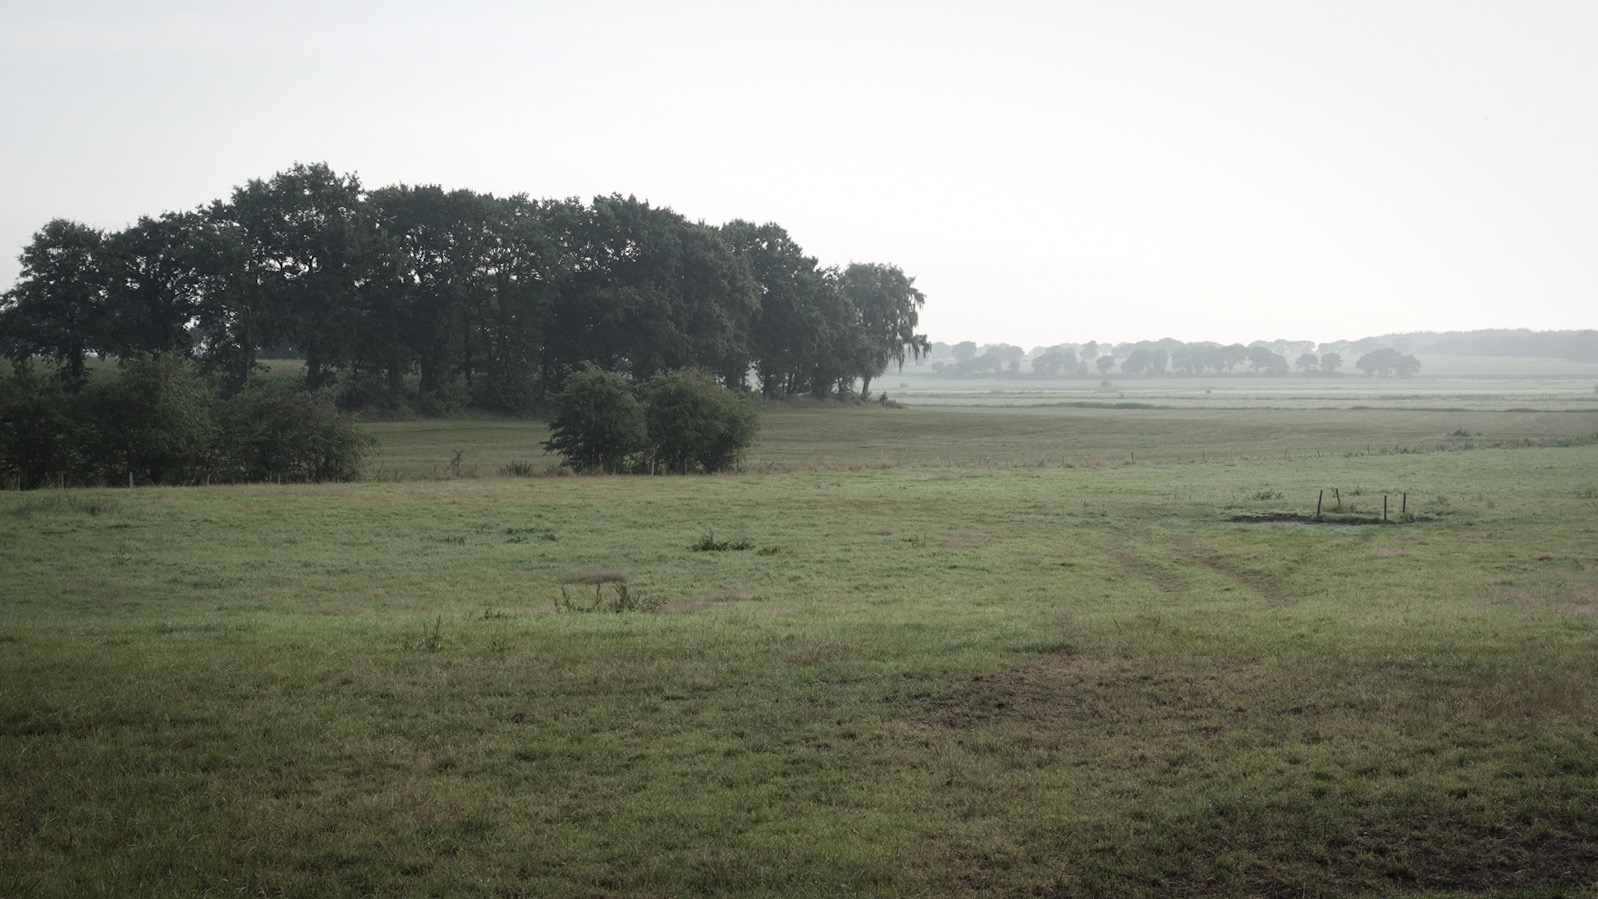 Velden met ochtendnevel bij Heide, Noord-Duitsland